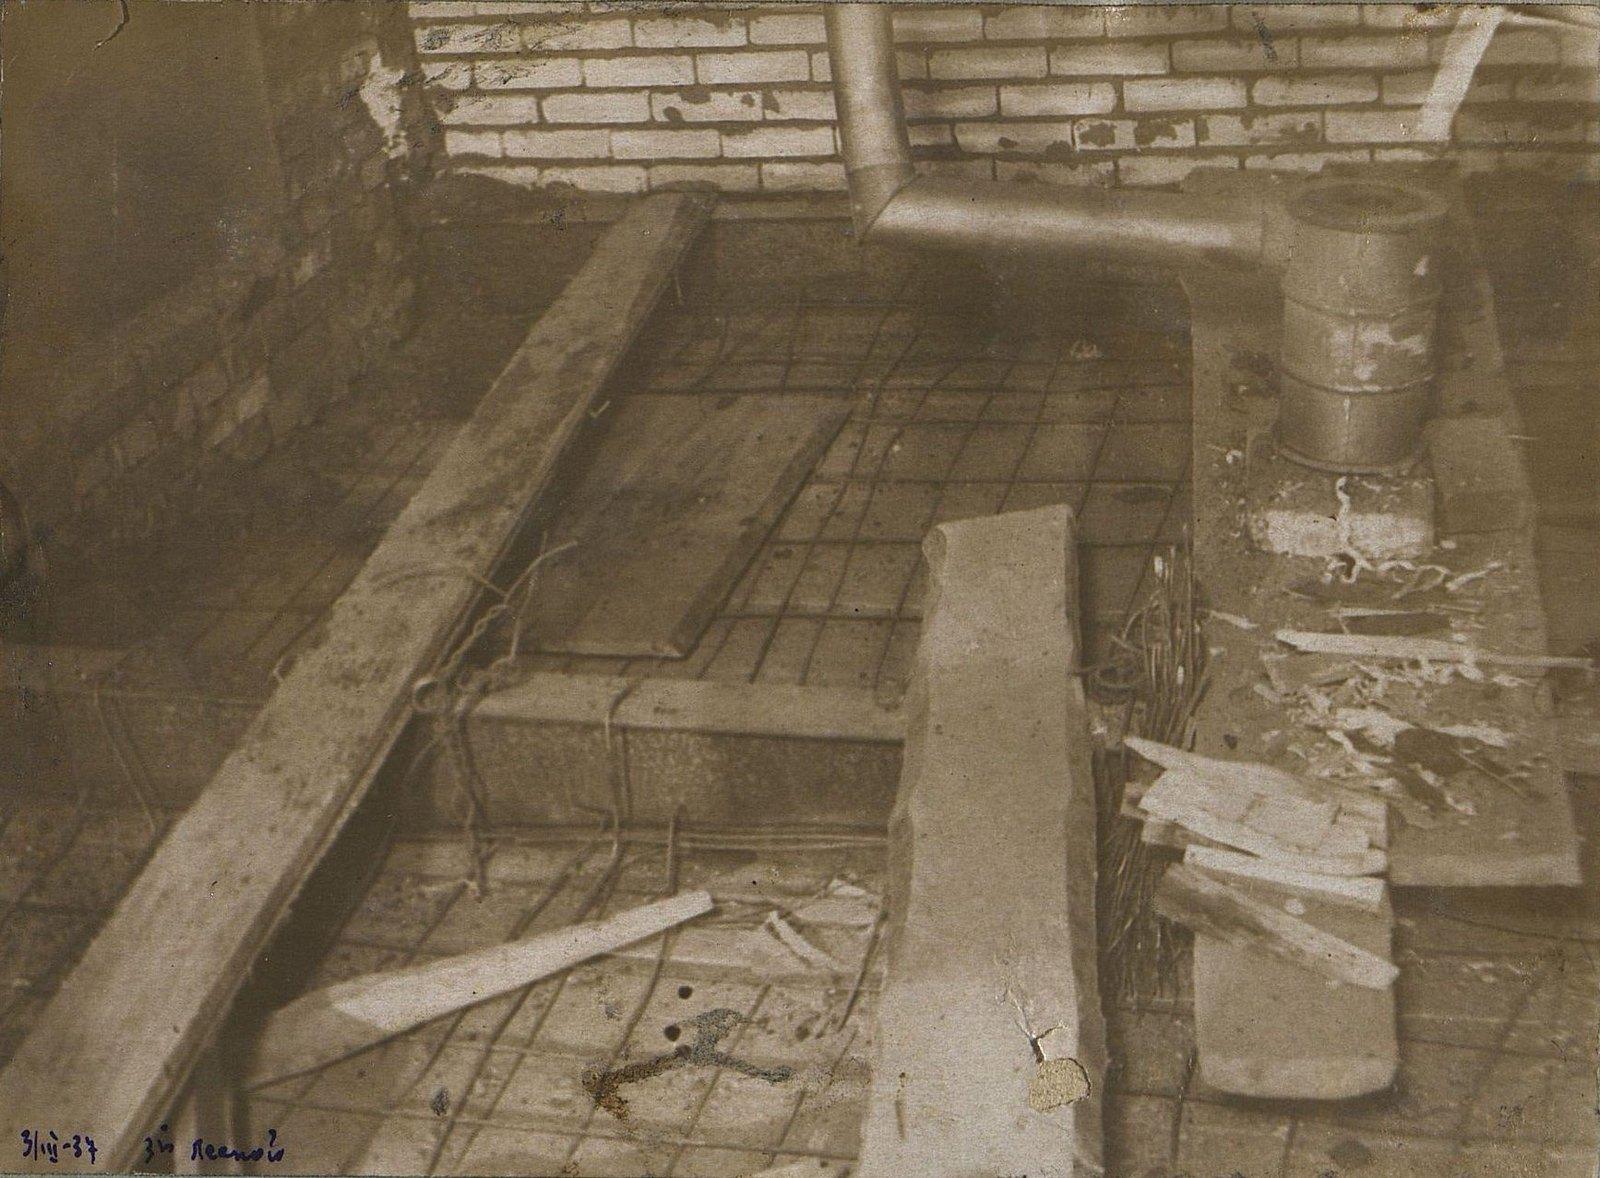 20. 1937. Участок строительства школы на 3-й Лесной улице. 3 марта